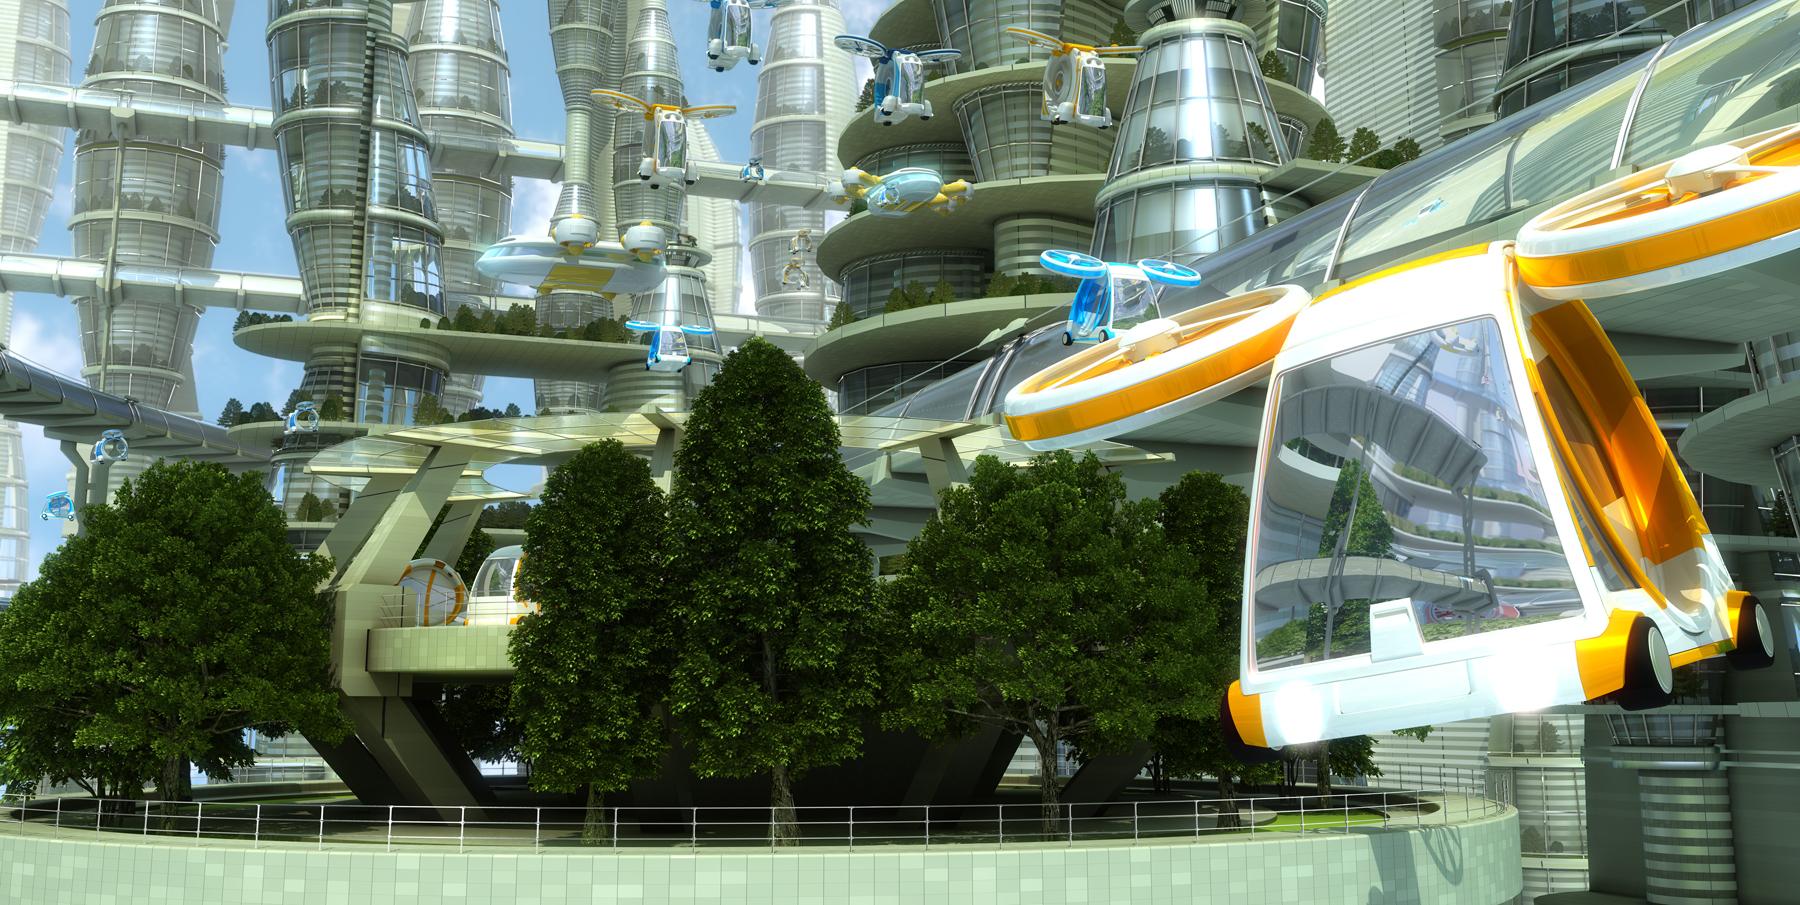 véhicules autonomes volants